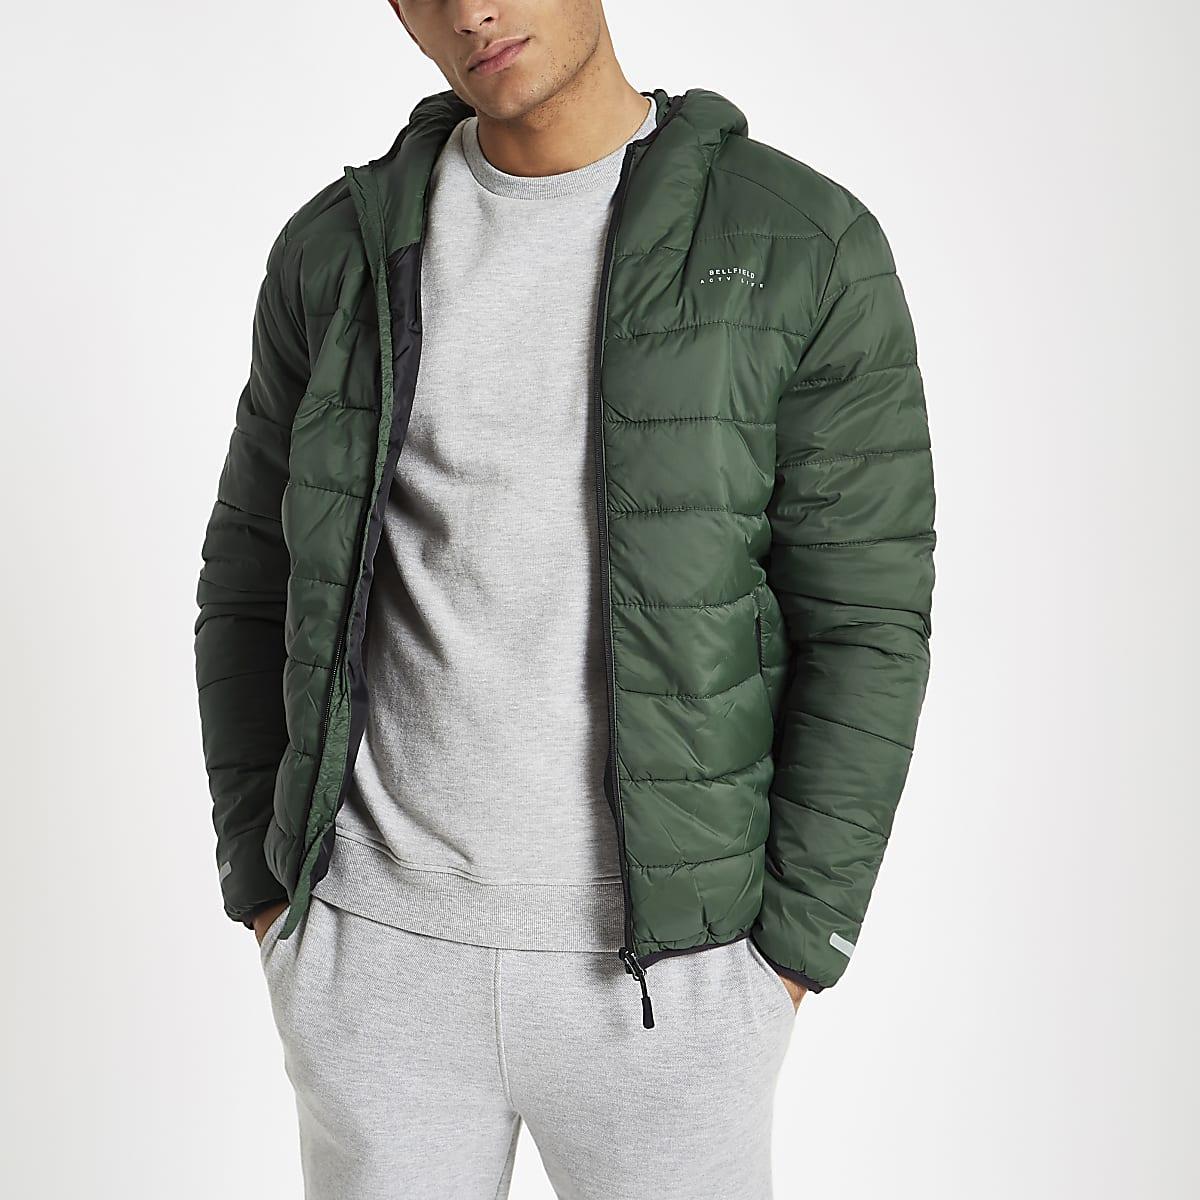 Jacket Bellfield Puffer Jacket Green Green Bellfield Puffer nwNOv8ym0P